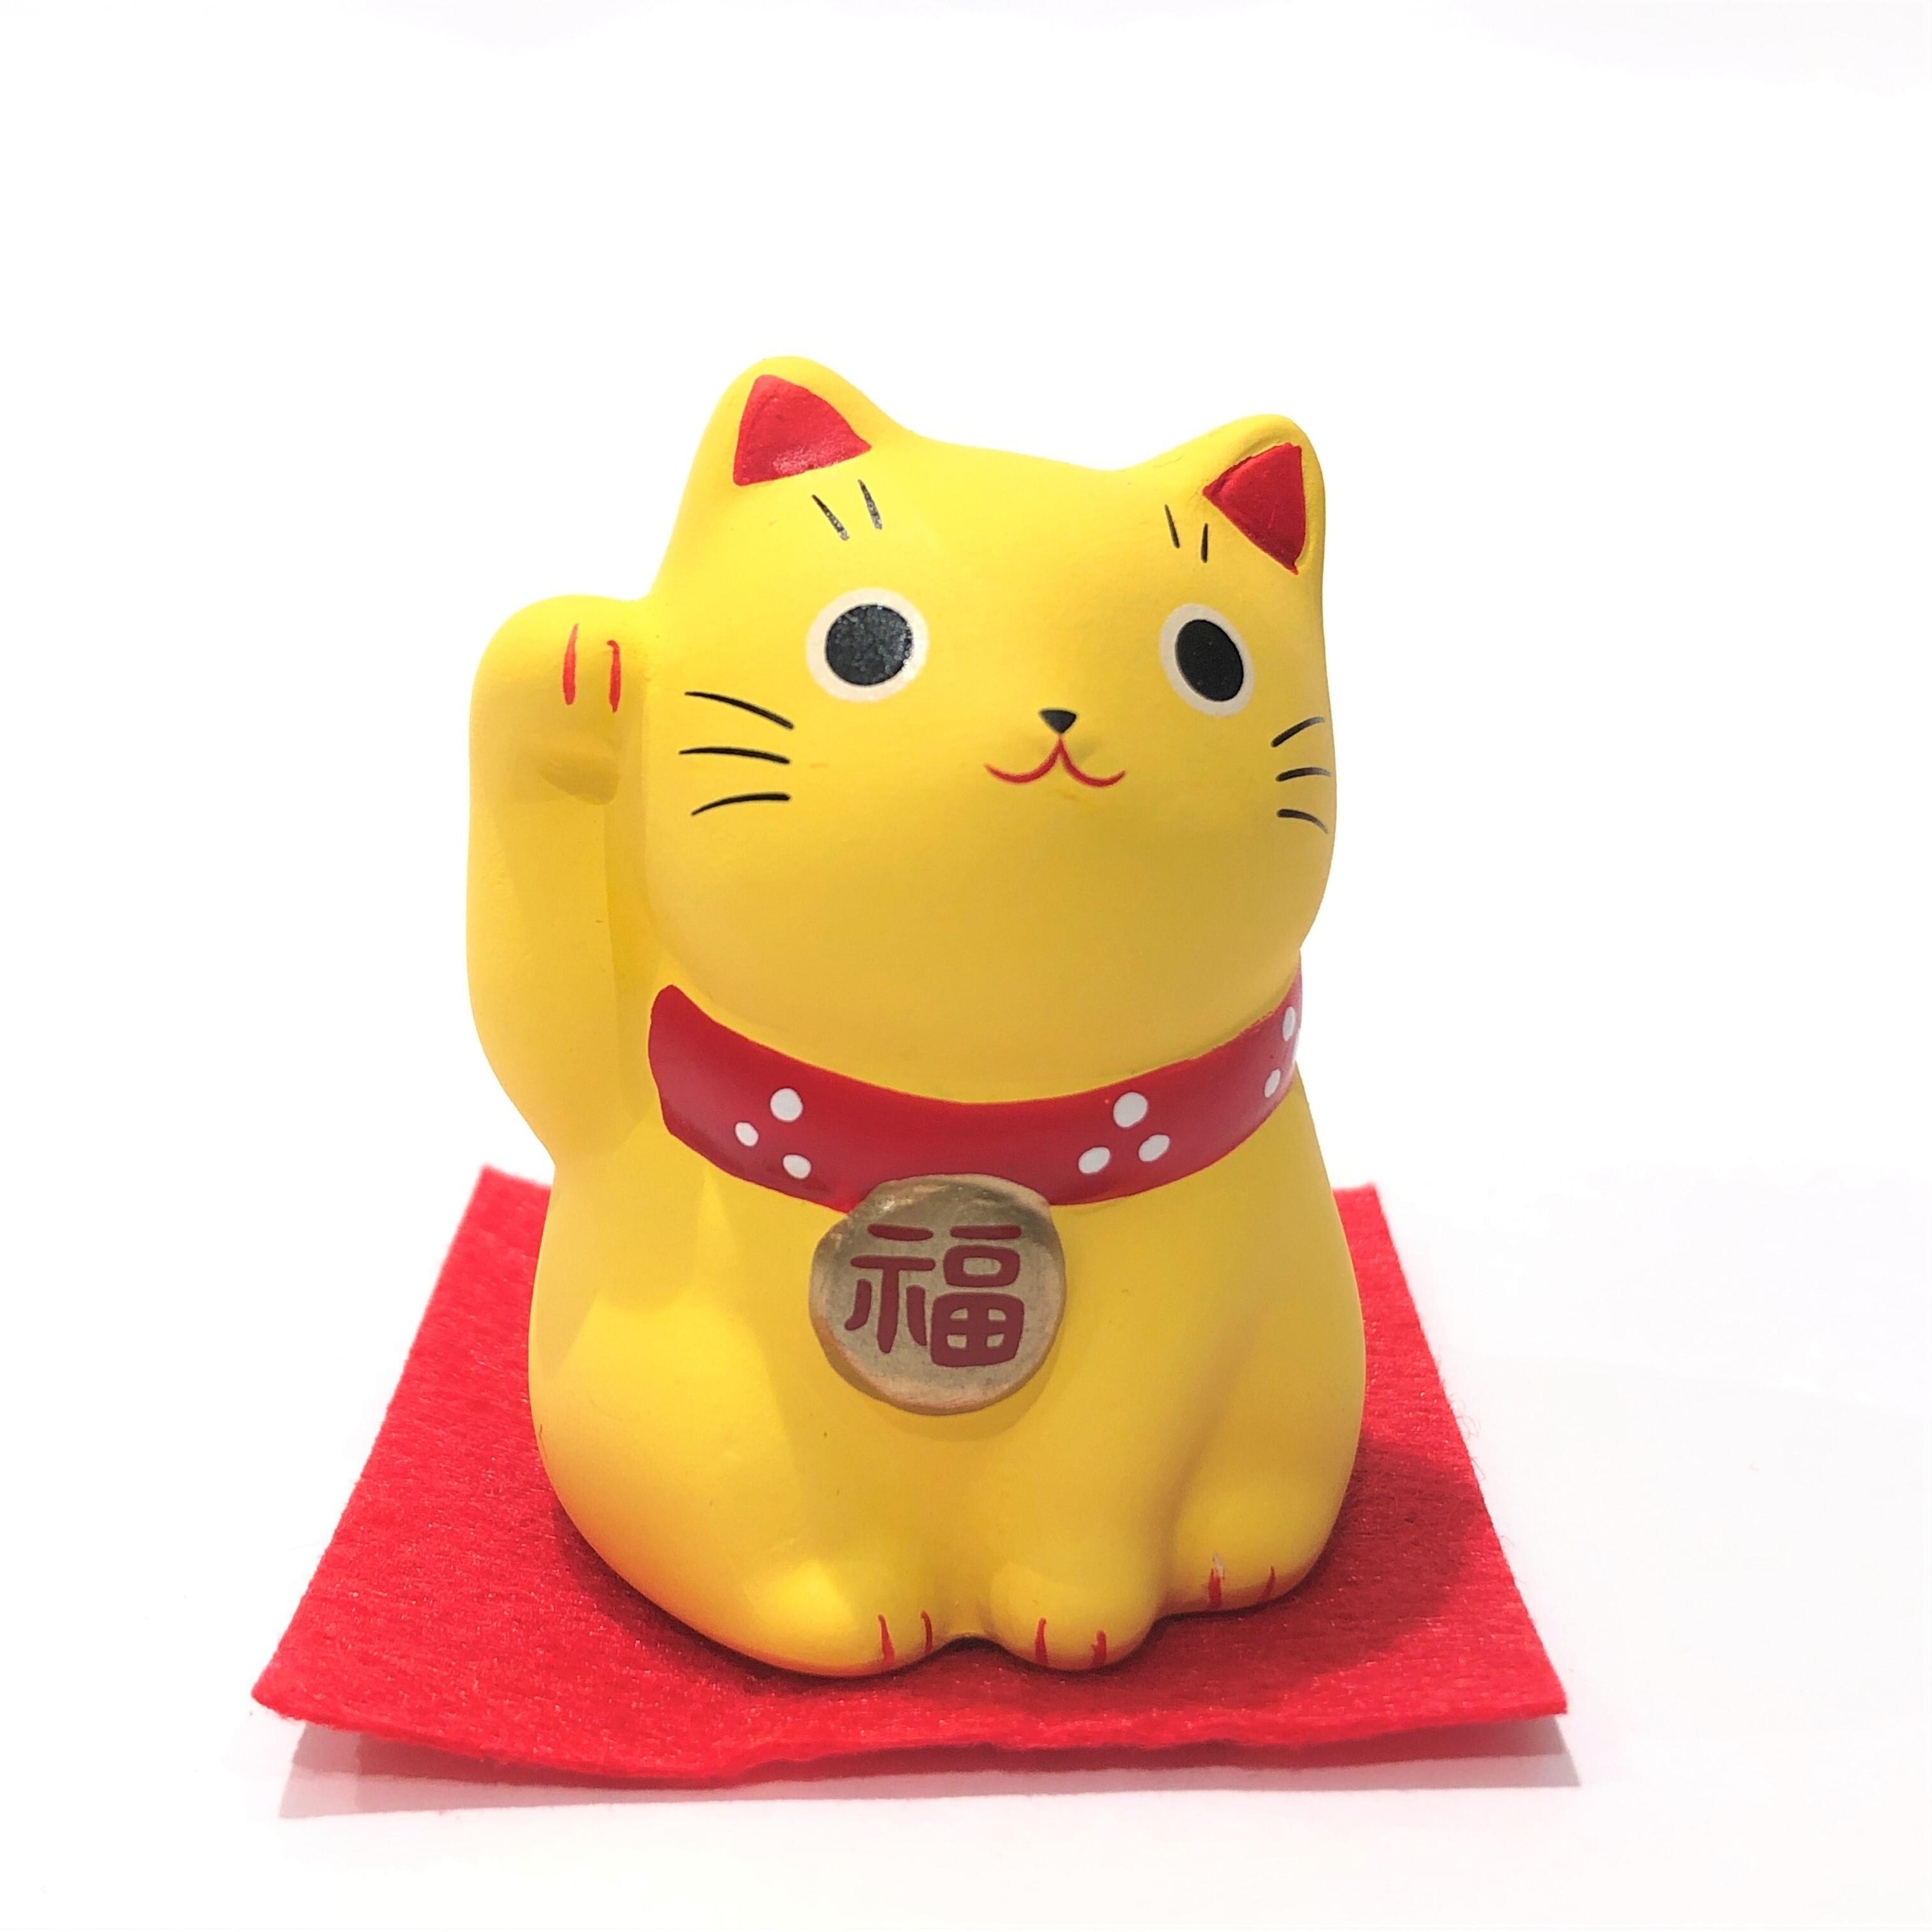 錦彩福おいで招き猫 黄猫 金運万来